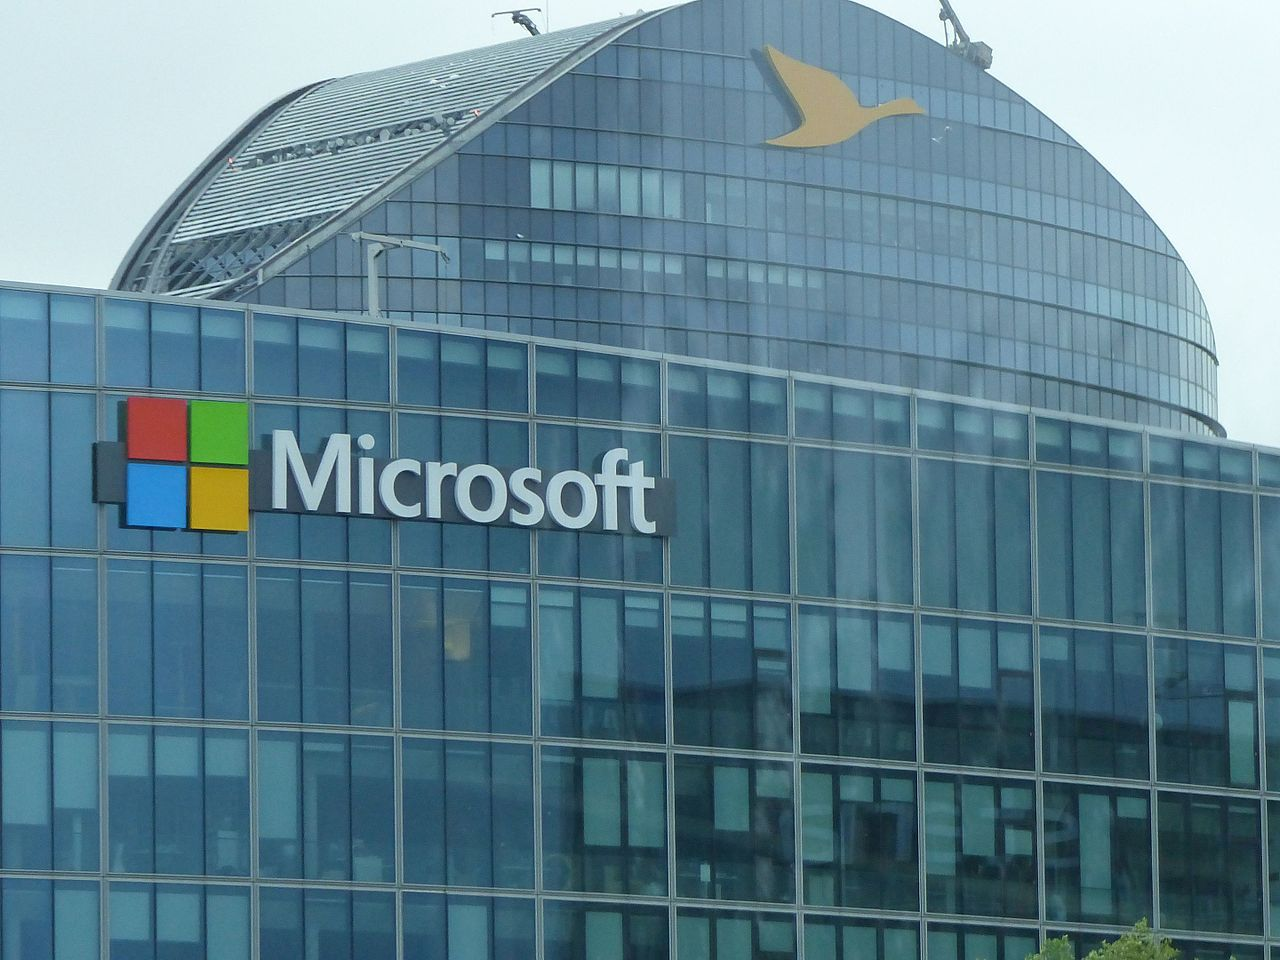 Microsoft slog marknadens förväntningar